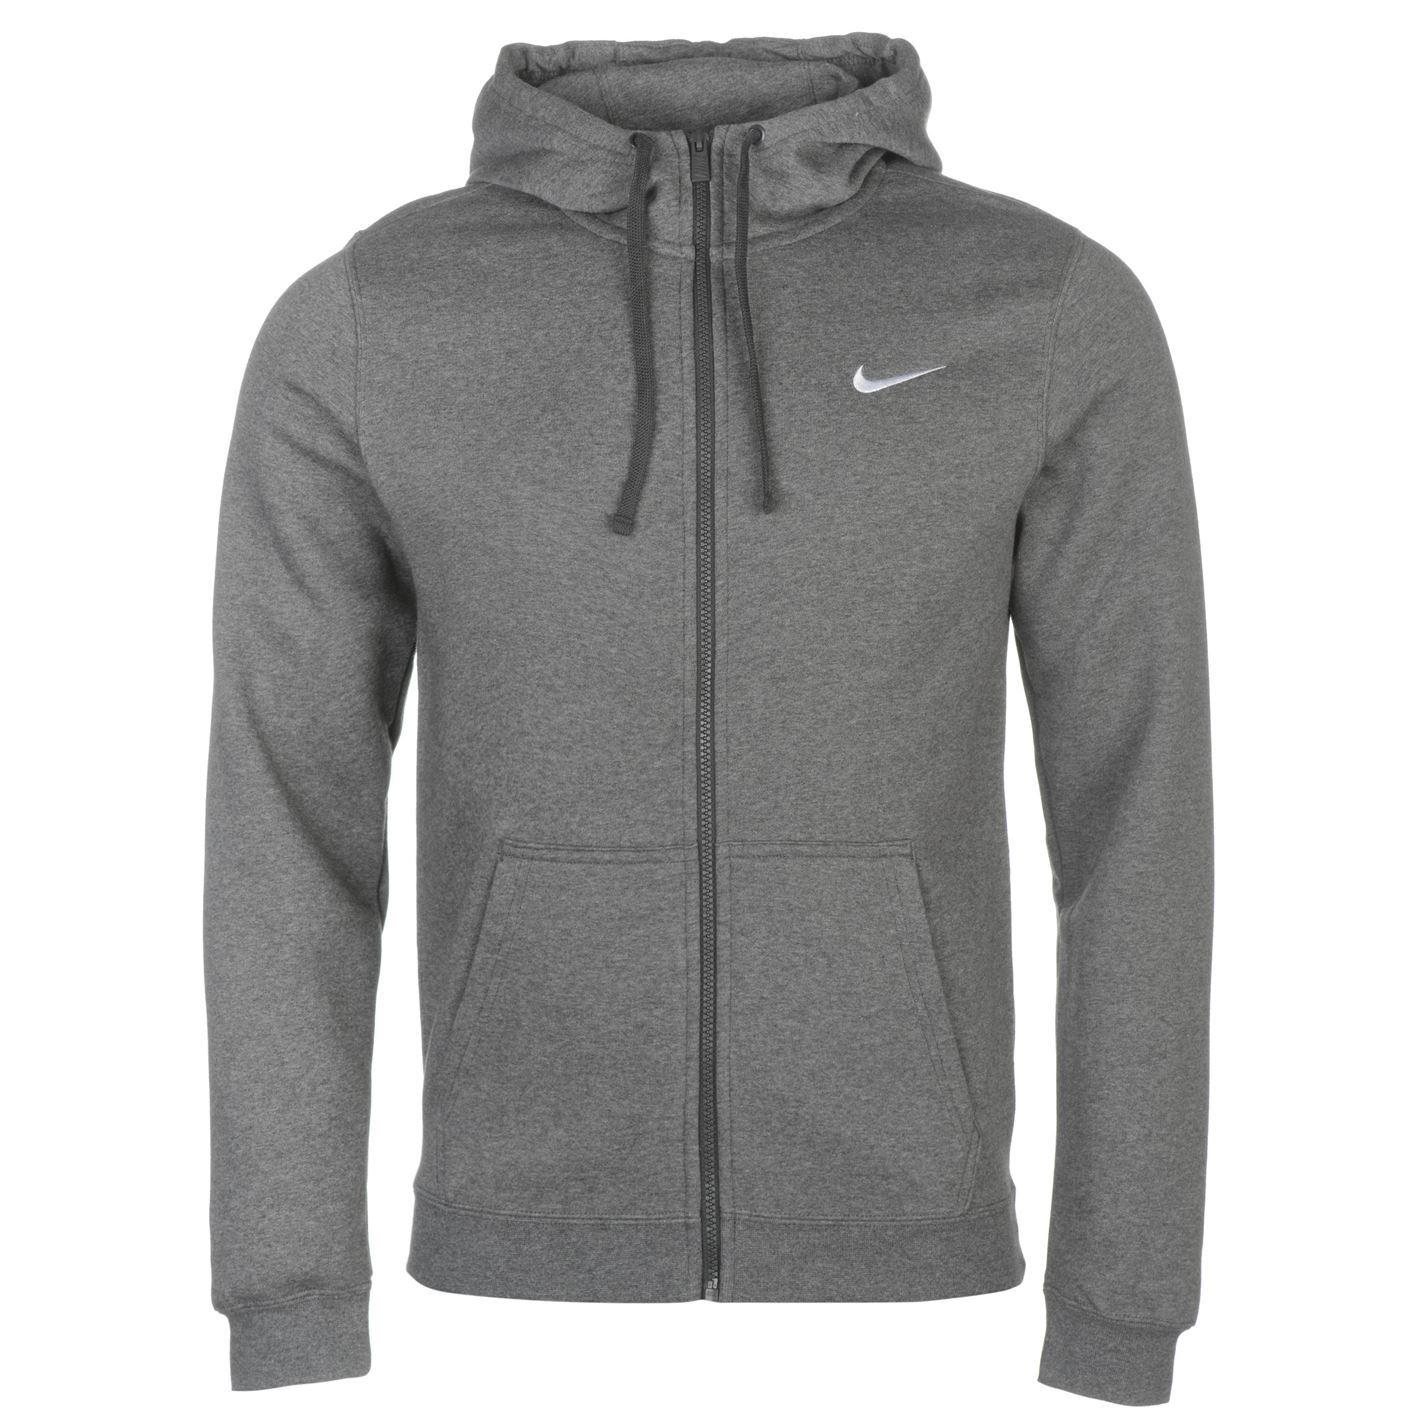 Nike-Fundamentals-Full-Zip-Hoody-Jacket-Mens-Hoodie-Sweatshirt-Sweater-Top thumbnail 13